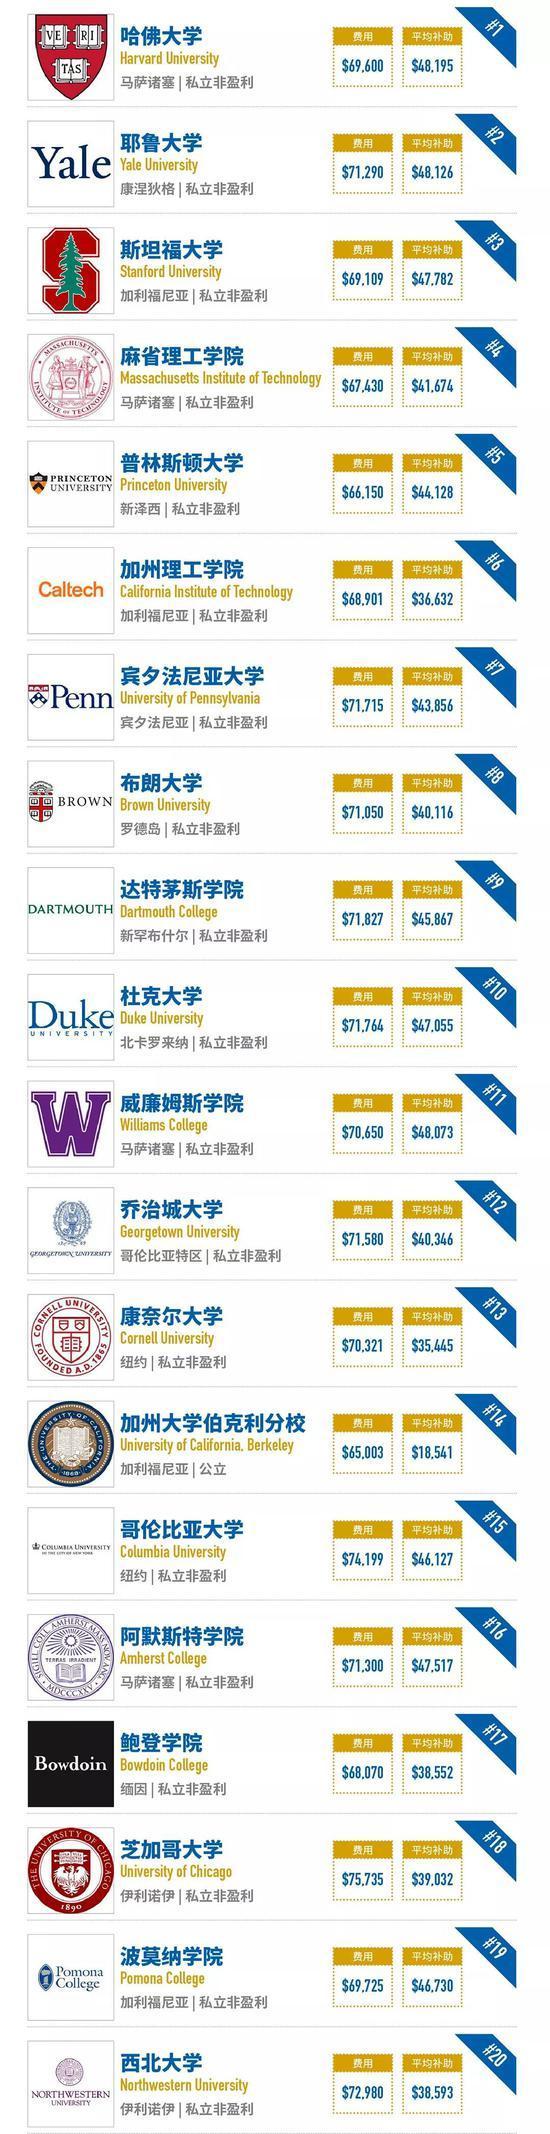 2018大学排行_2018台湾最佳大学排行榜:台湾大学第一